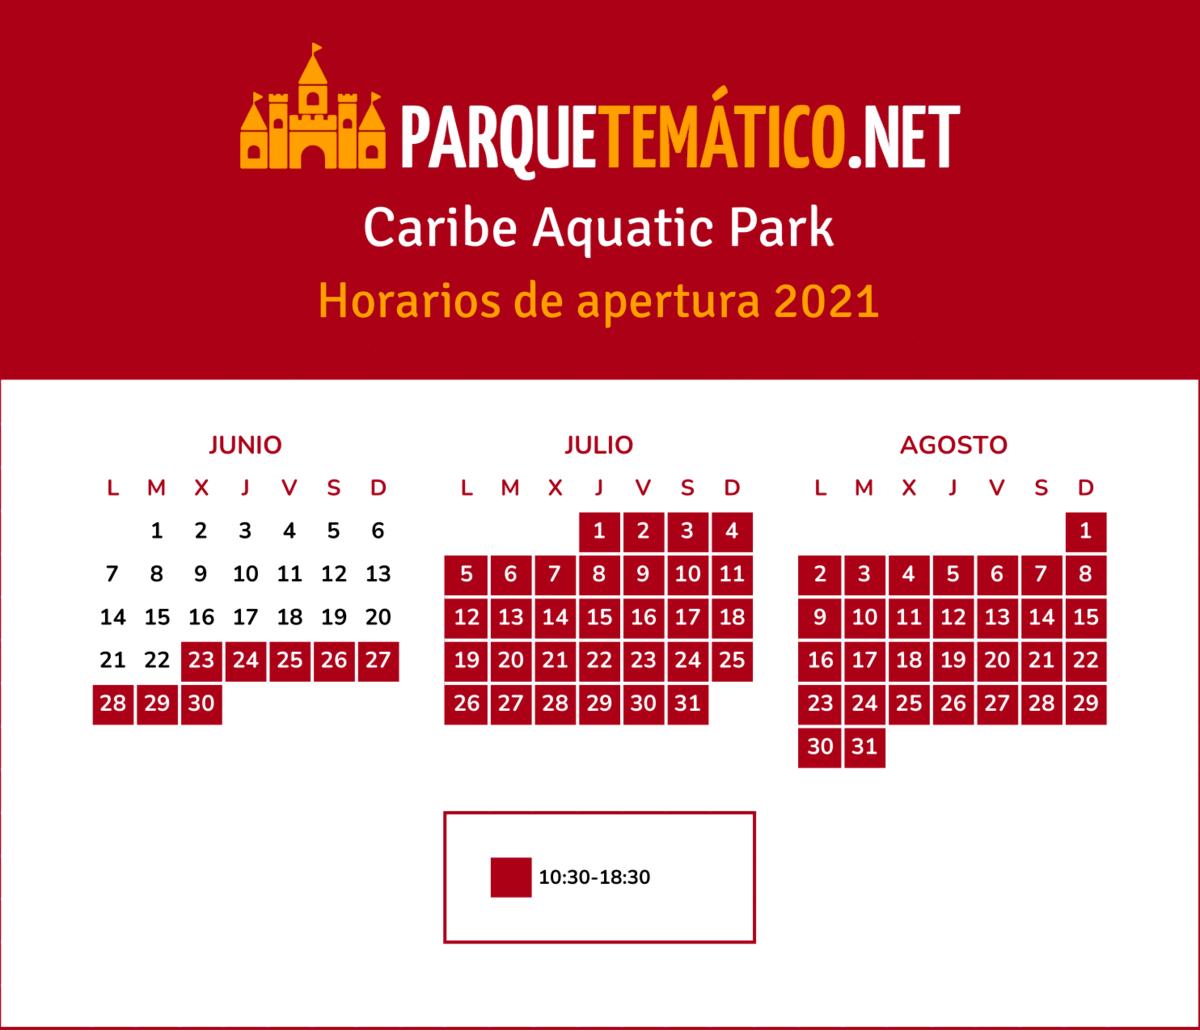 Calendario de apertura Caribe Aquatic Park 2021